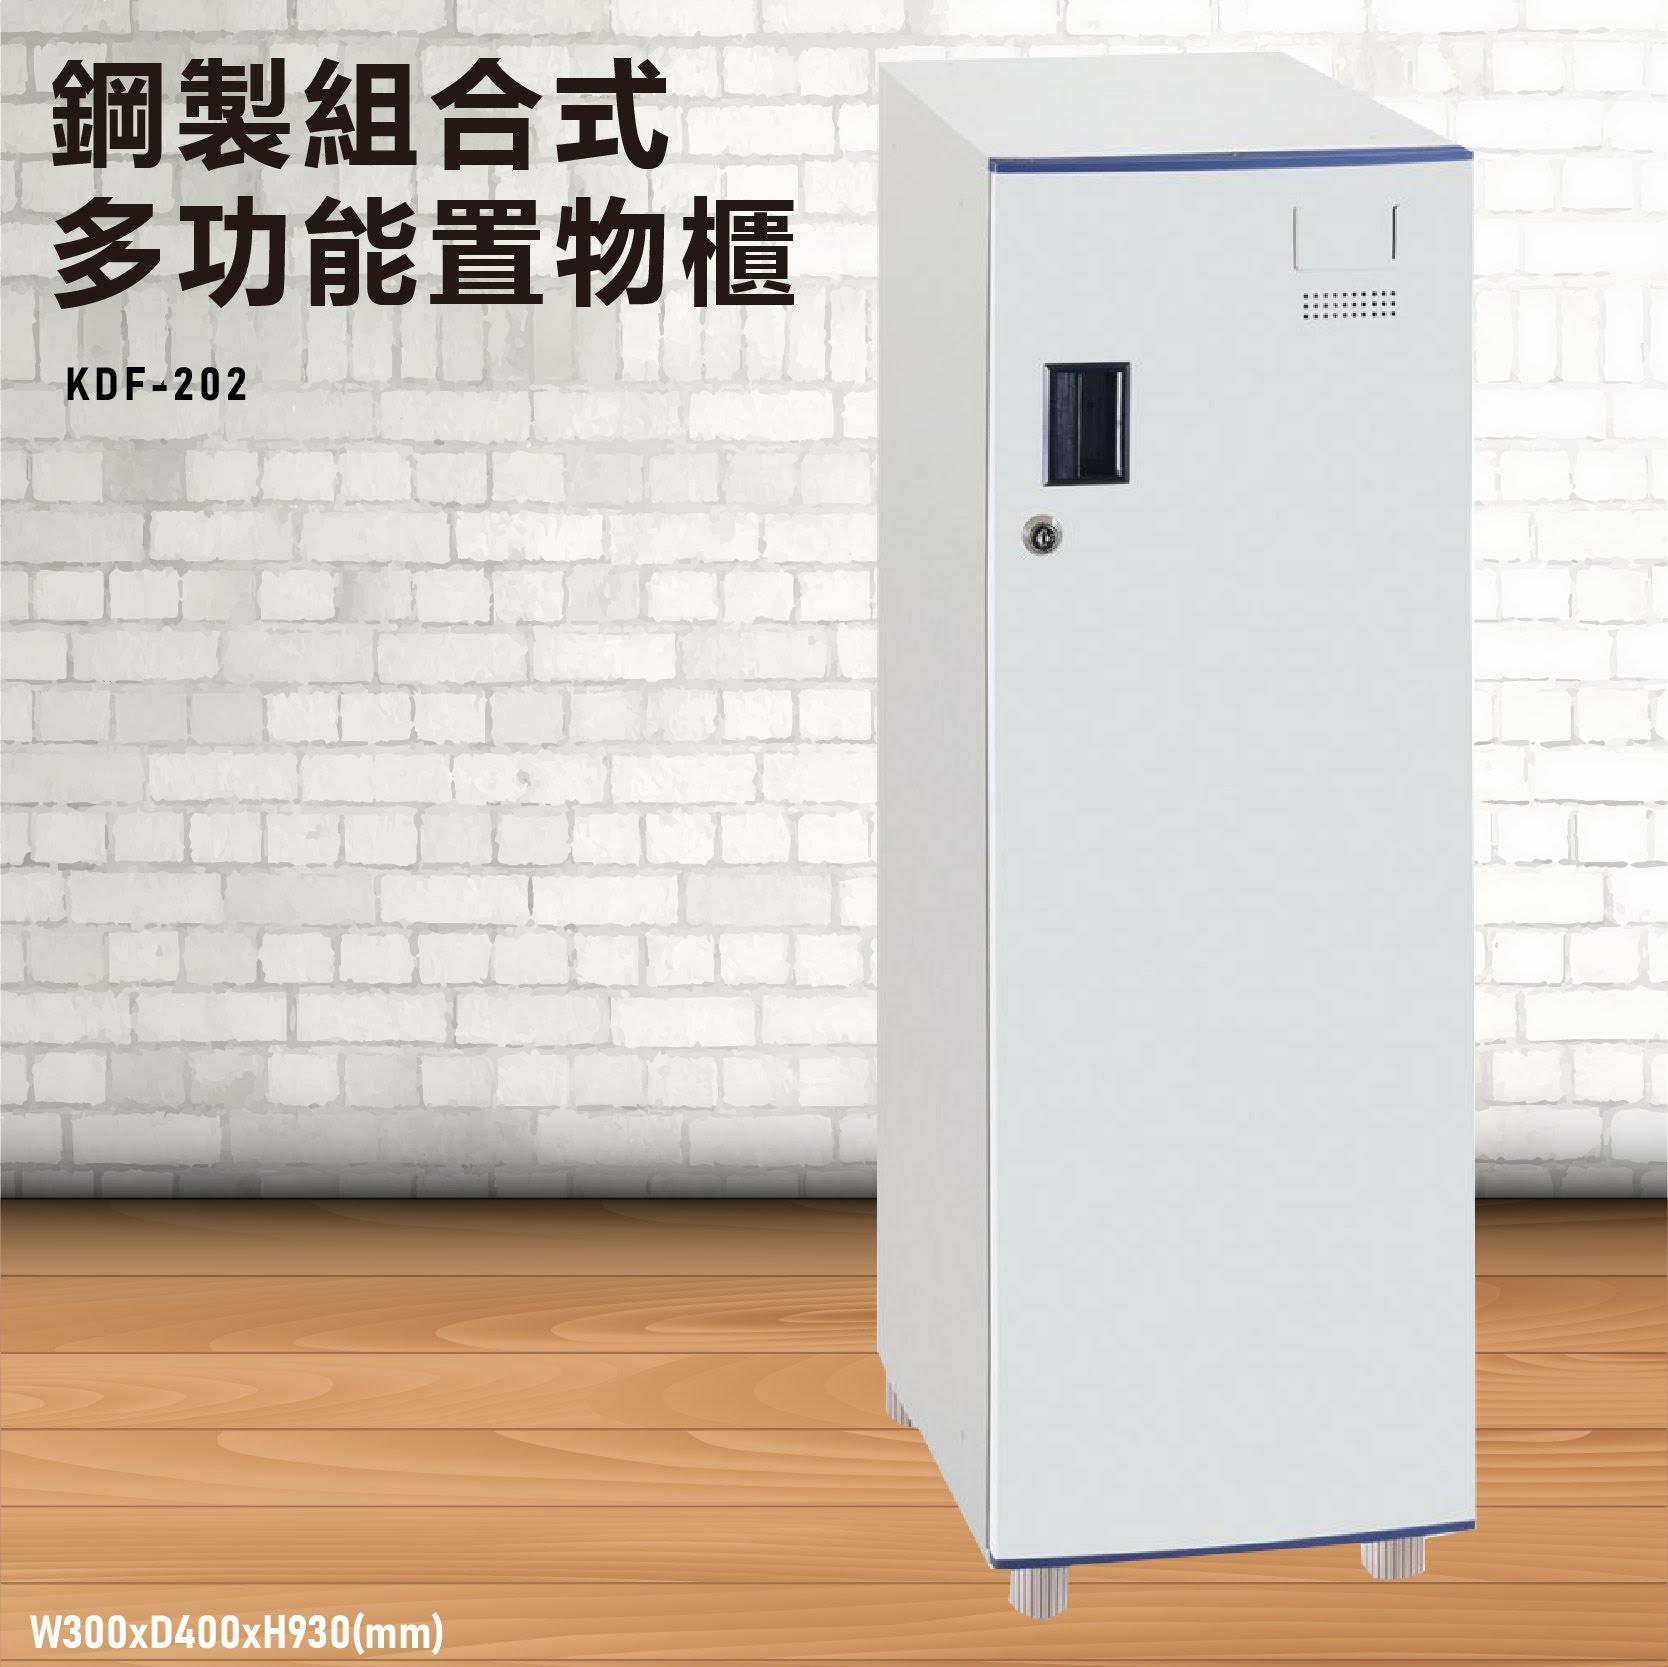 【鑰匙櫃】大富 KDF-202 多用途鋼製組合式置物櫃~可換購密碼鎖 收納櫃 更衣櫃 衣櫃 鞋櫃 存放 員工宿舍